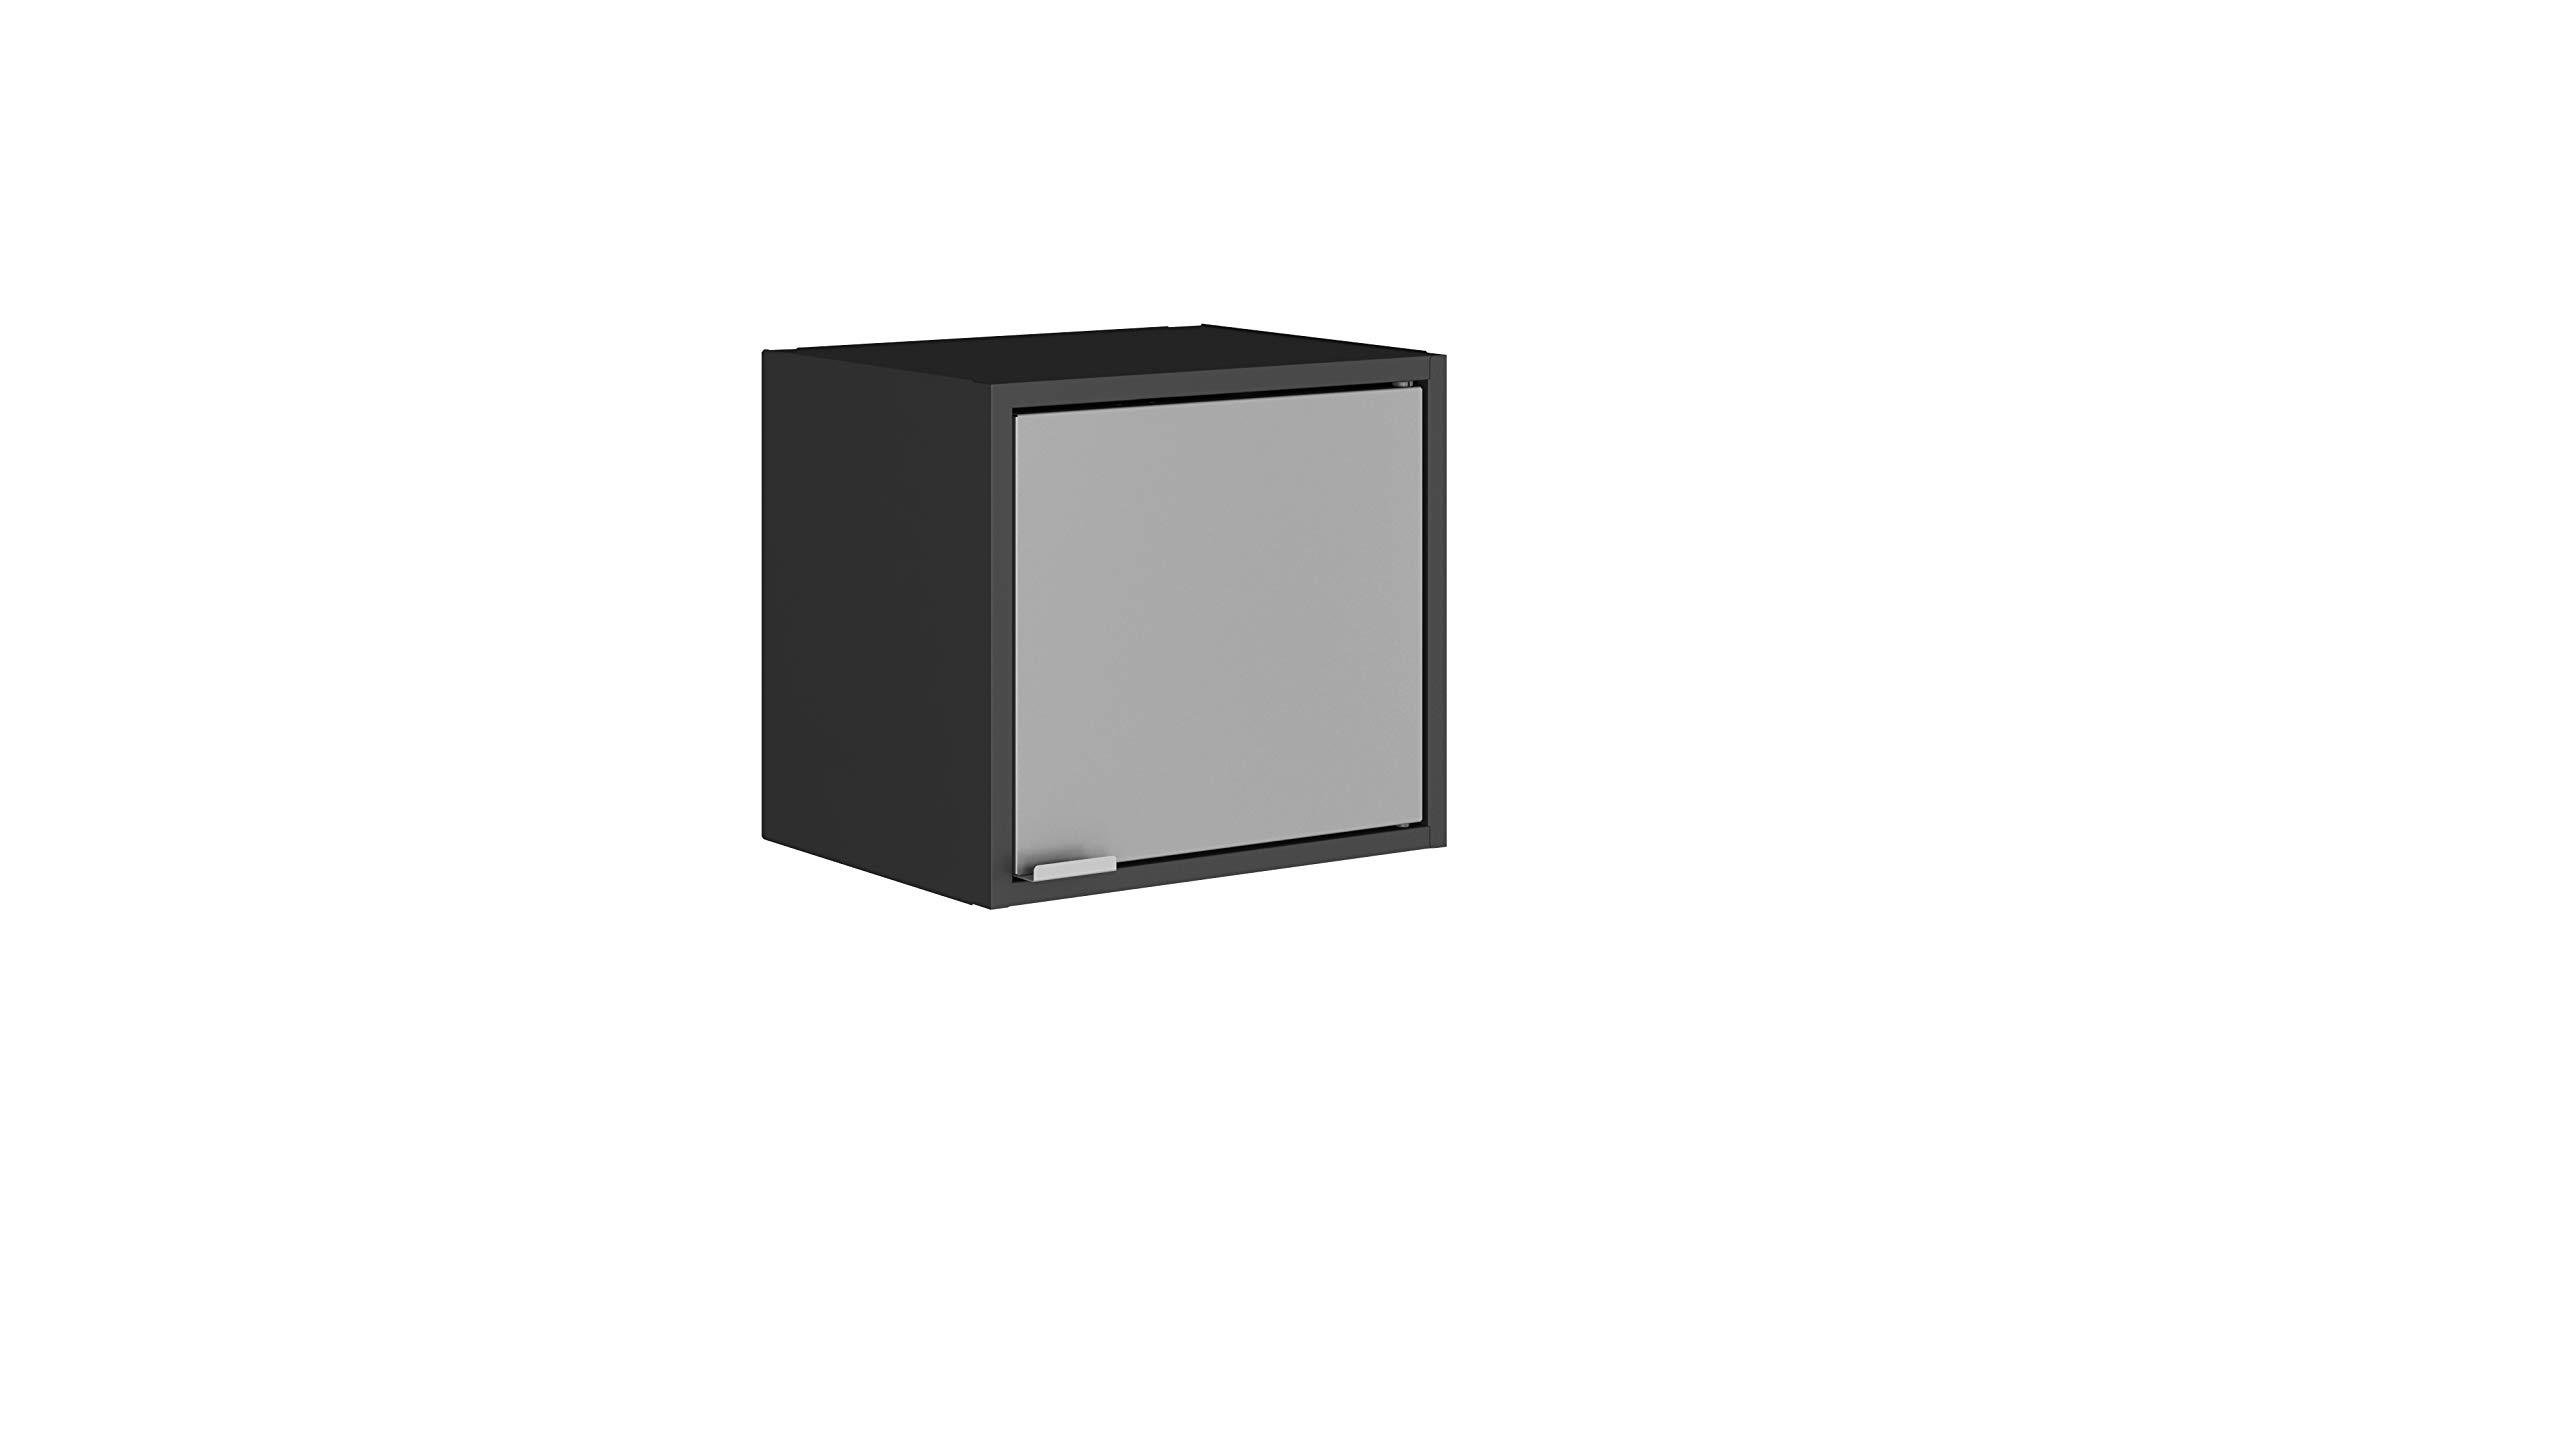 Manhattan Comfort Smart Modern Kitchen Floating Cube Cabinet Organizer, Black/Grey by Manhattan Comfort